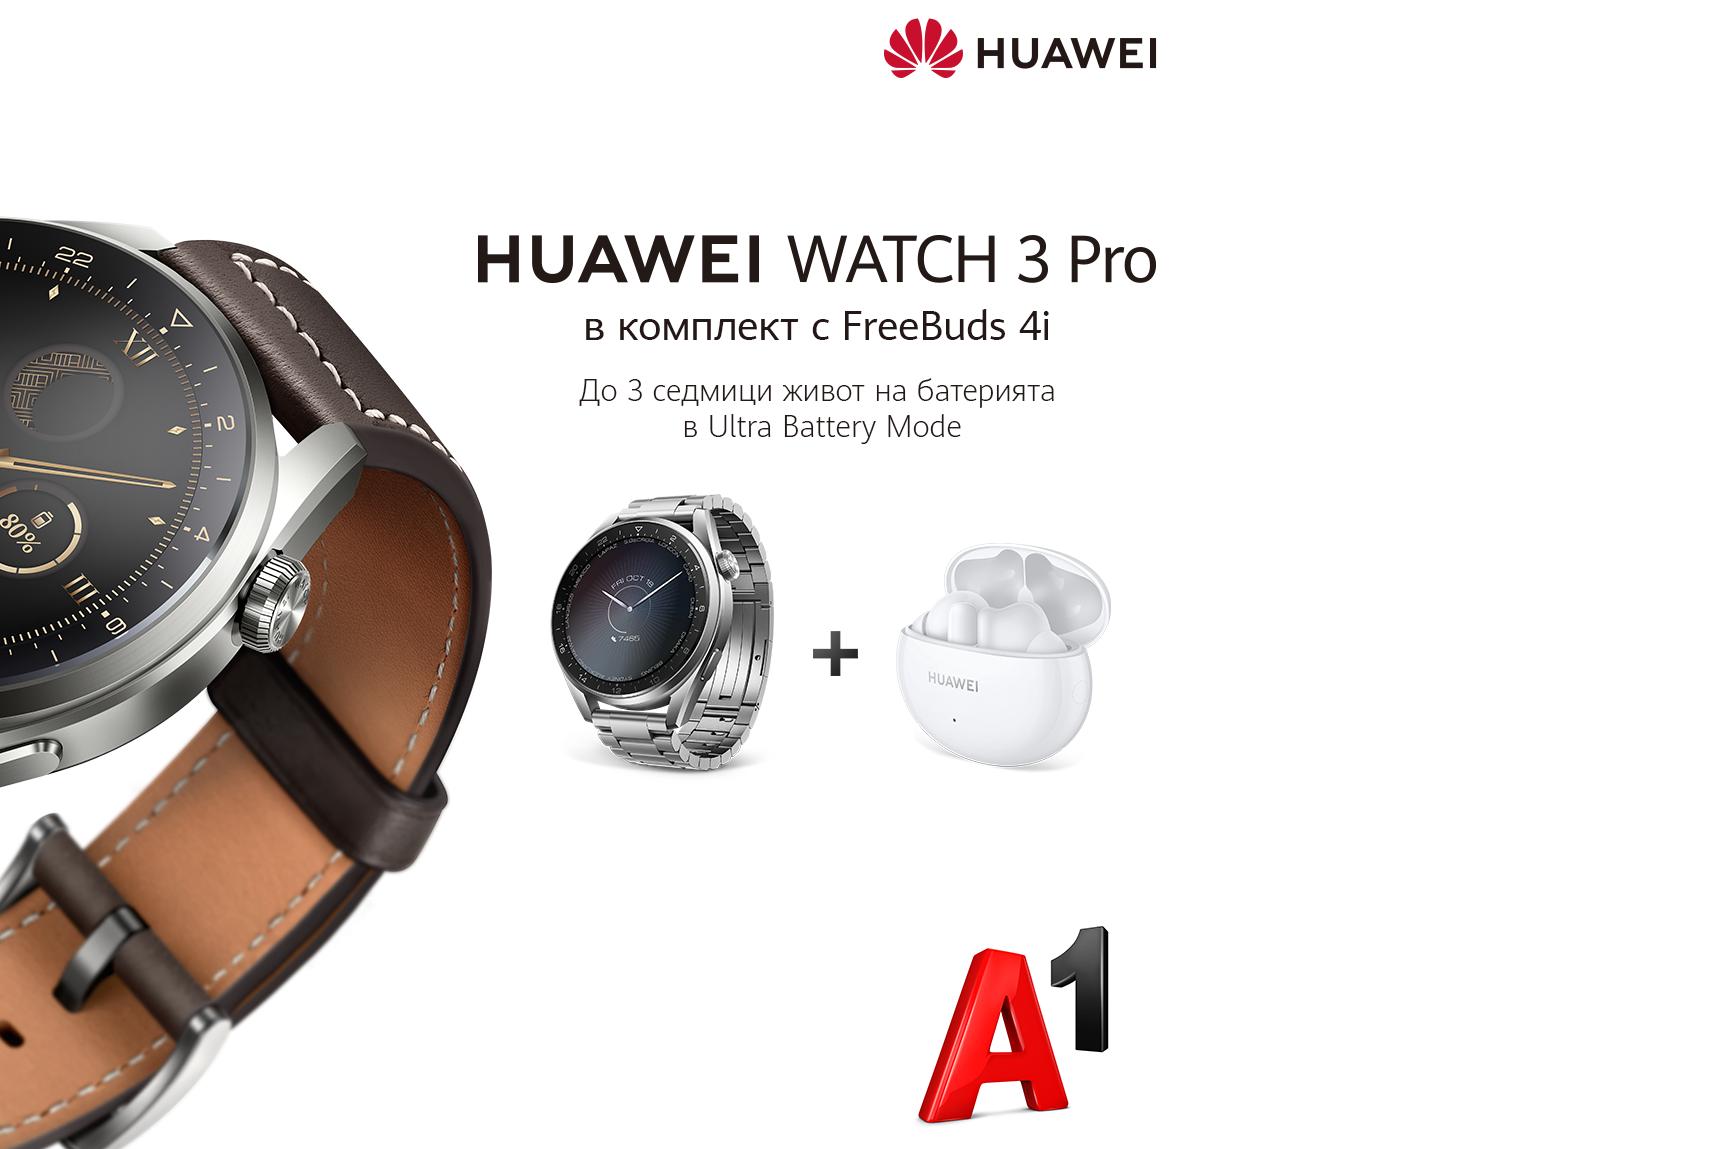 A1 Huawei Smart Watch